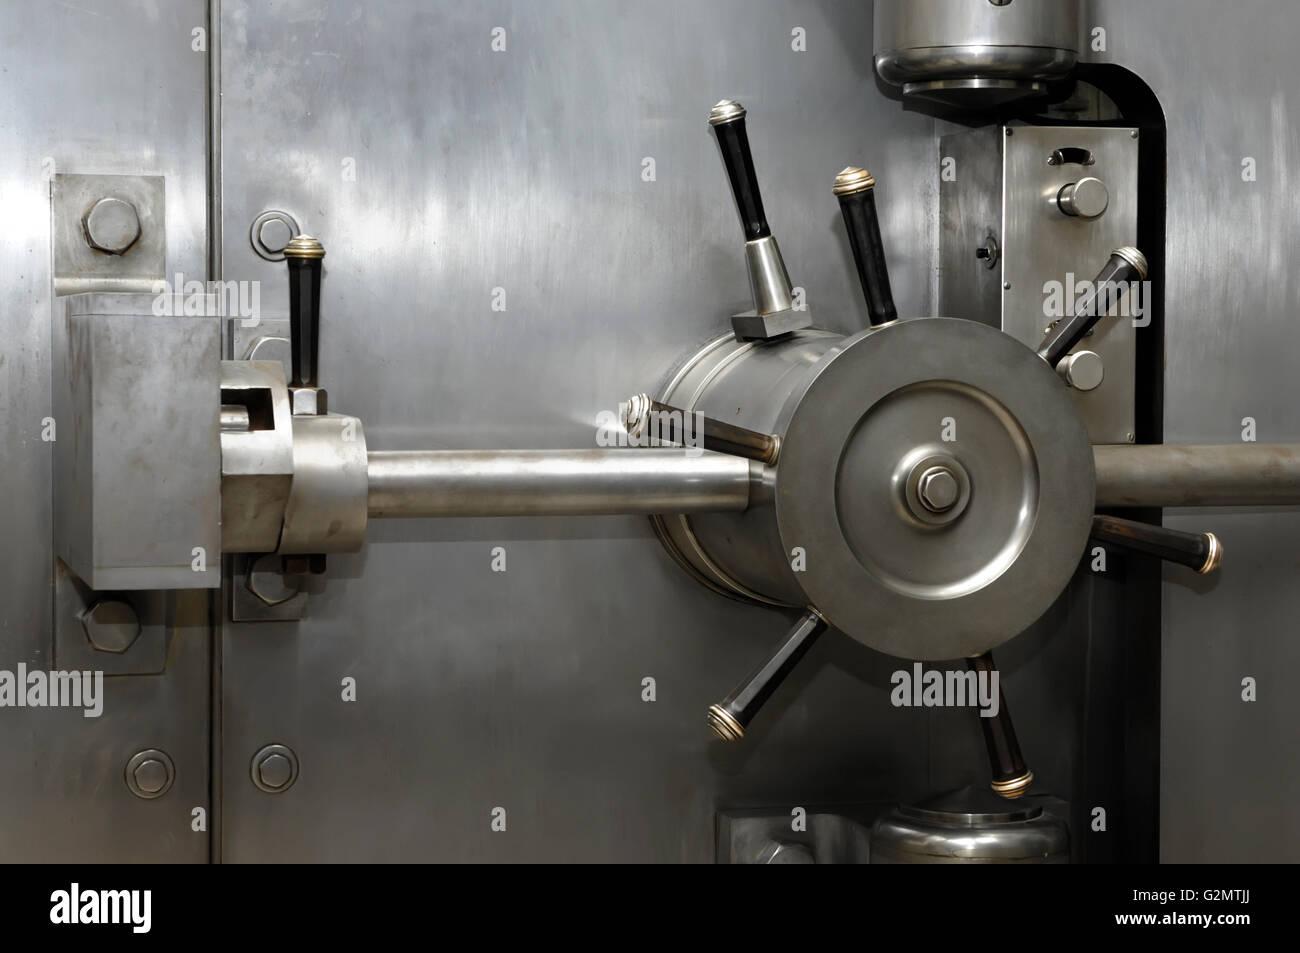 stainless steel bank vault door lock